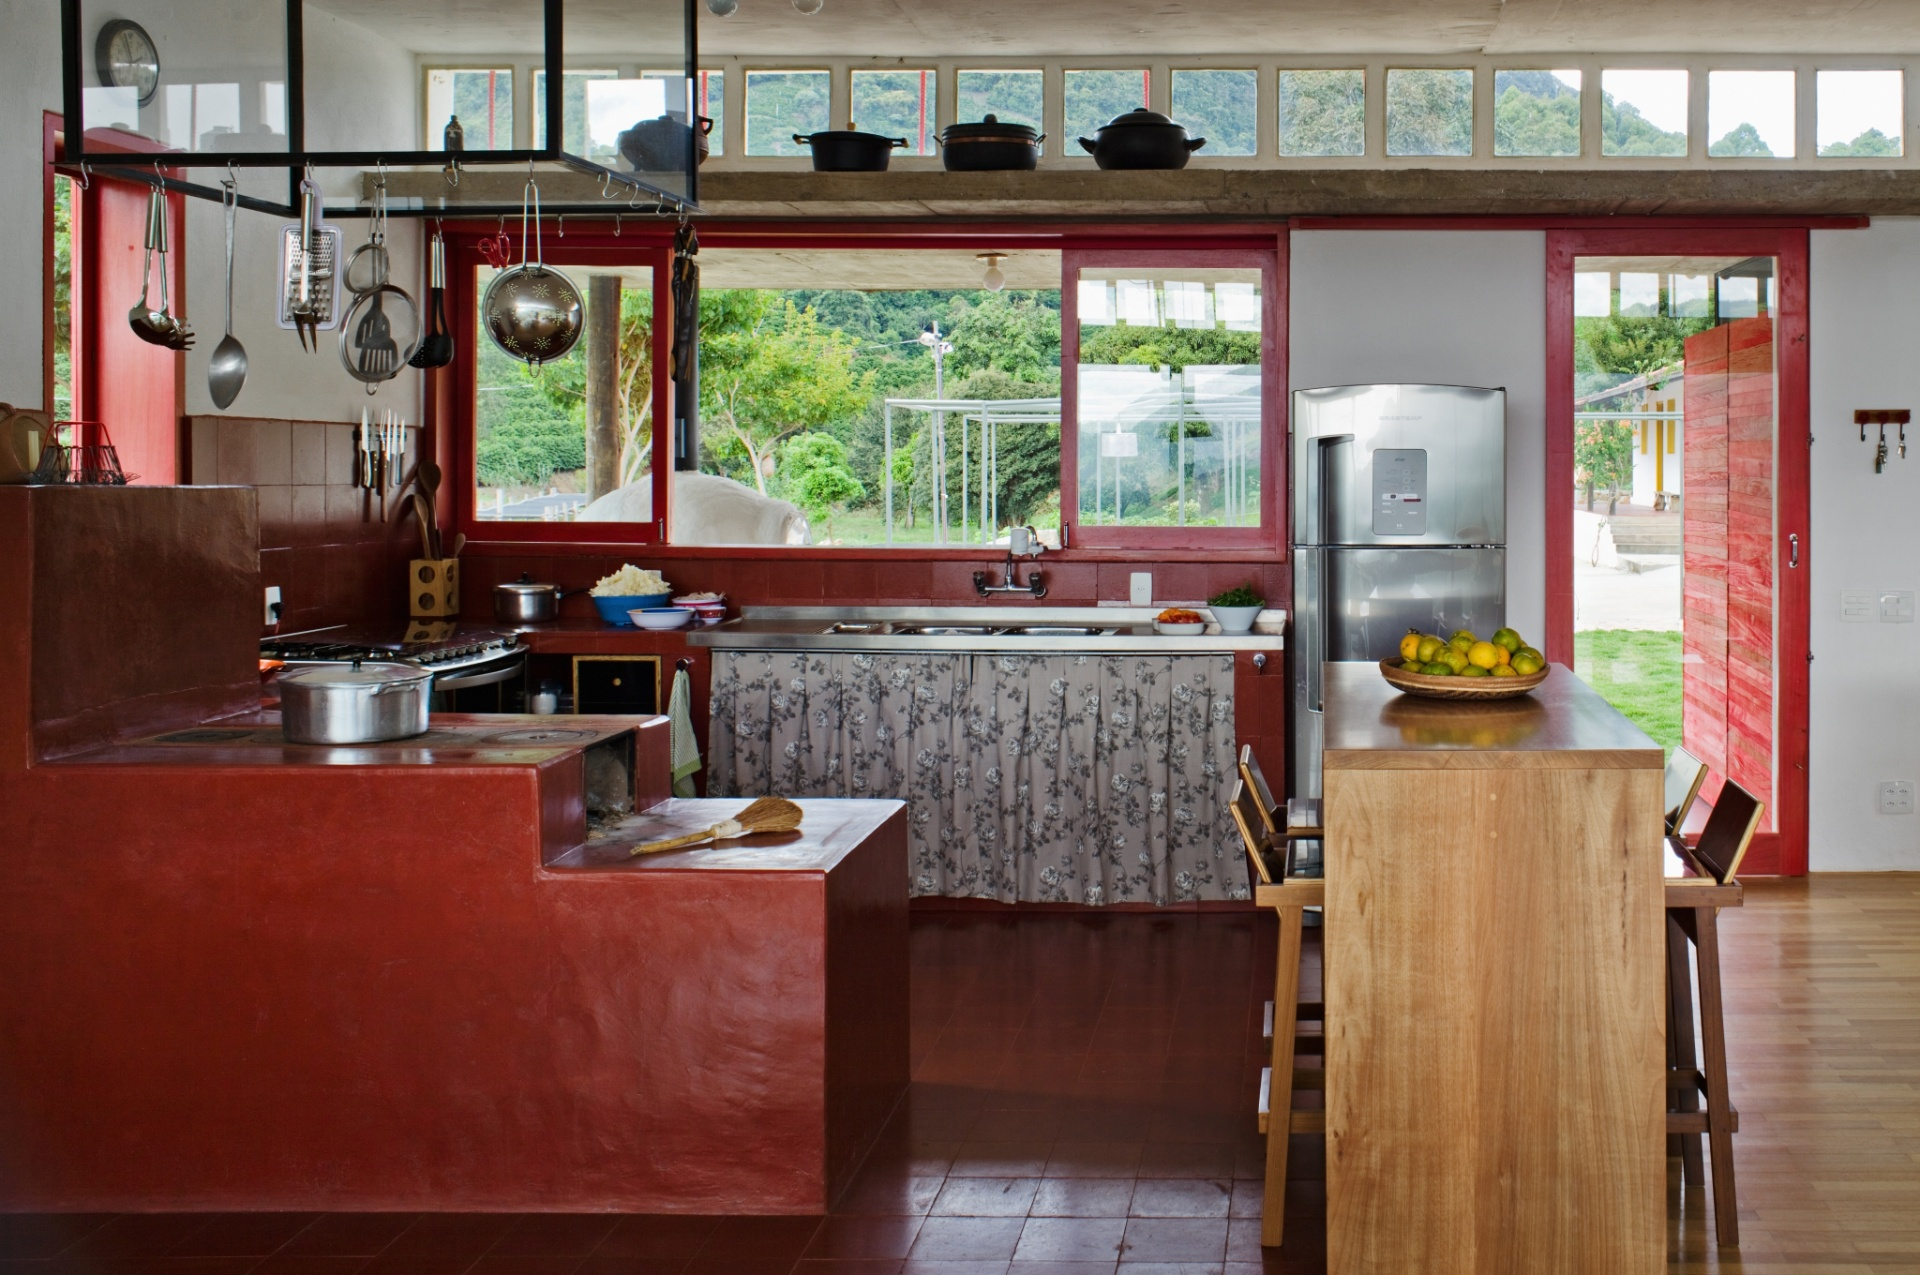 A sala da casa Dom Viçoso, projetada pelo arquiteto Marcelo Ferraz, possui a configuração típica das sedes de fazenda. Ou seja, todos os ambientes integrados: jantar, estar, home theater e cozinha. A vedete do espaço é o fogão a lenha de onde saem quitutes de dar água na boca